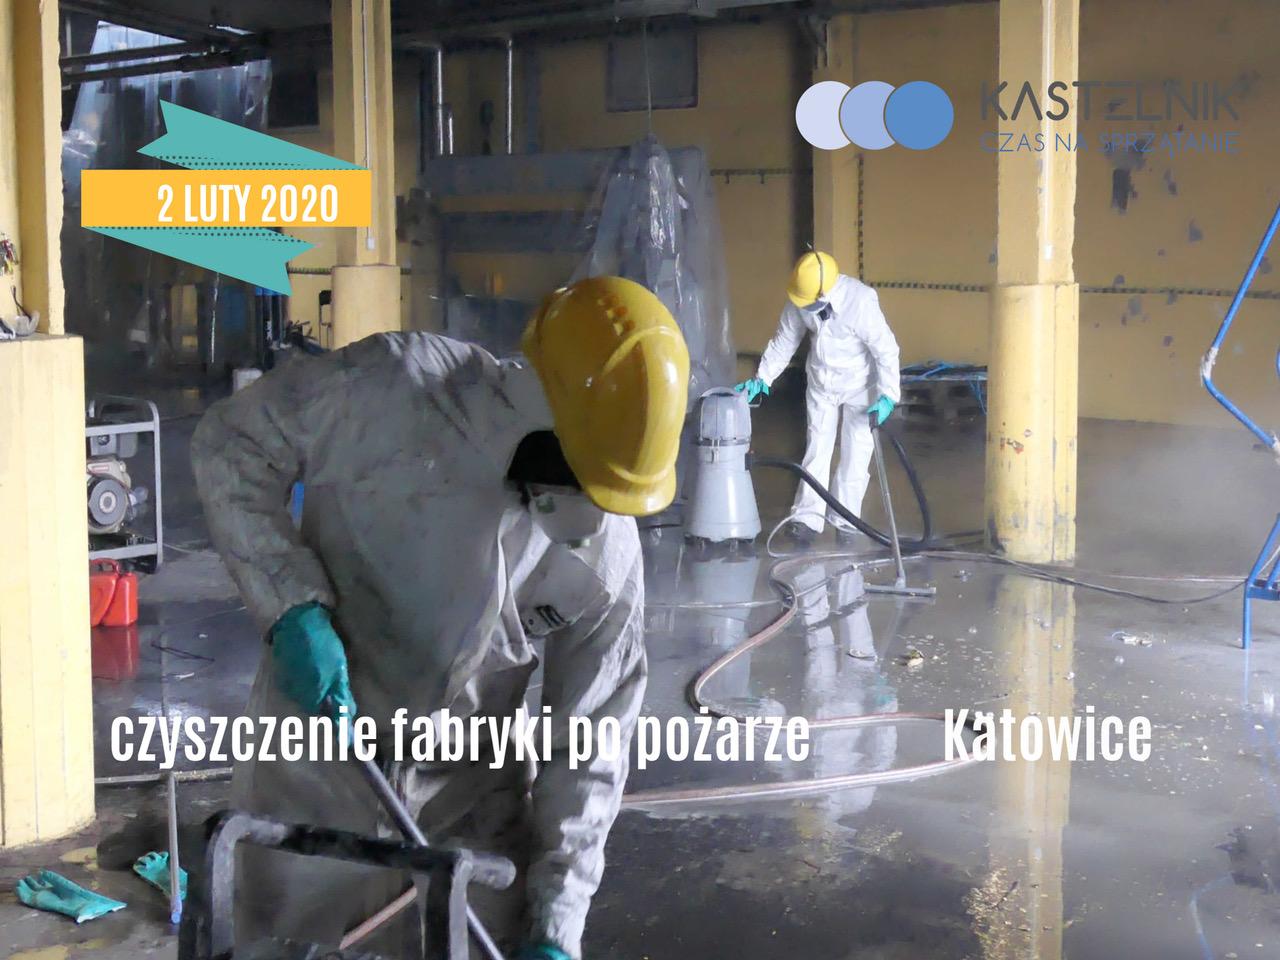 Jak wyglądało czyszczenie na fabryce po pożarze?